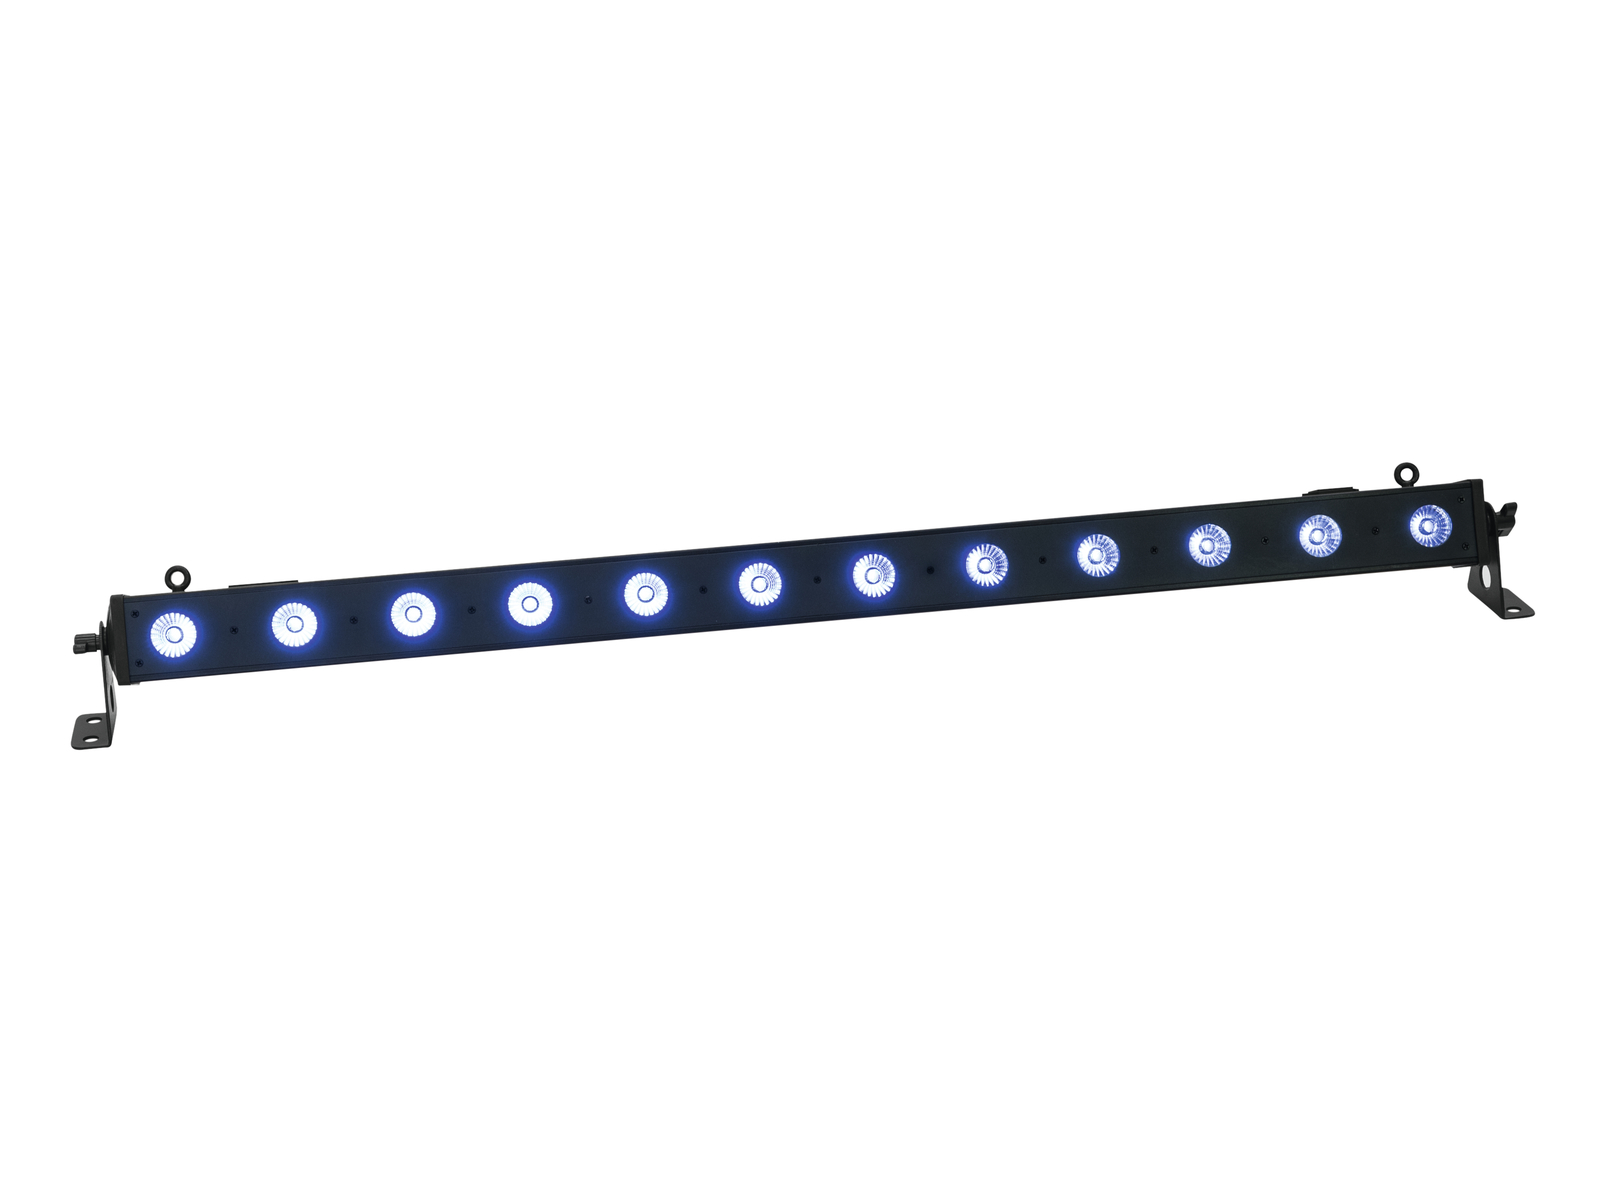 EUROLITE LED BAR-12 QLC RGBW Bar